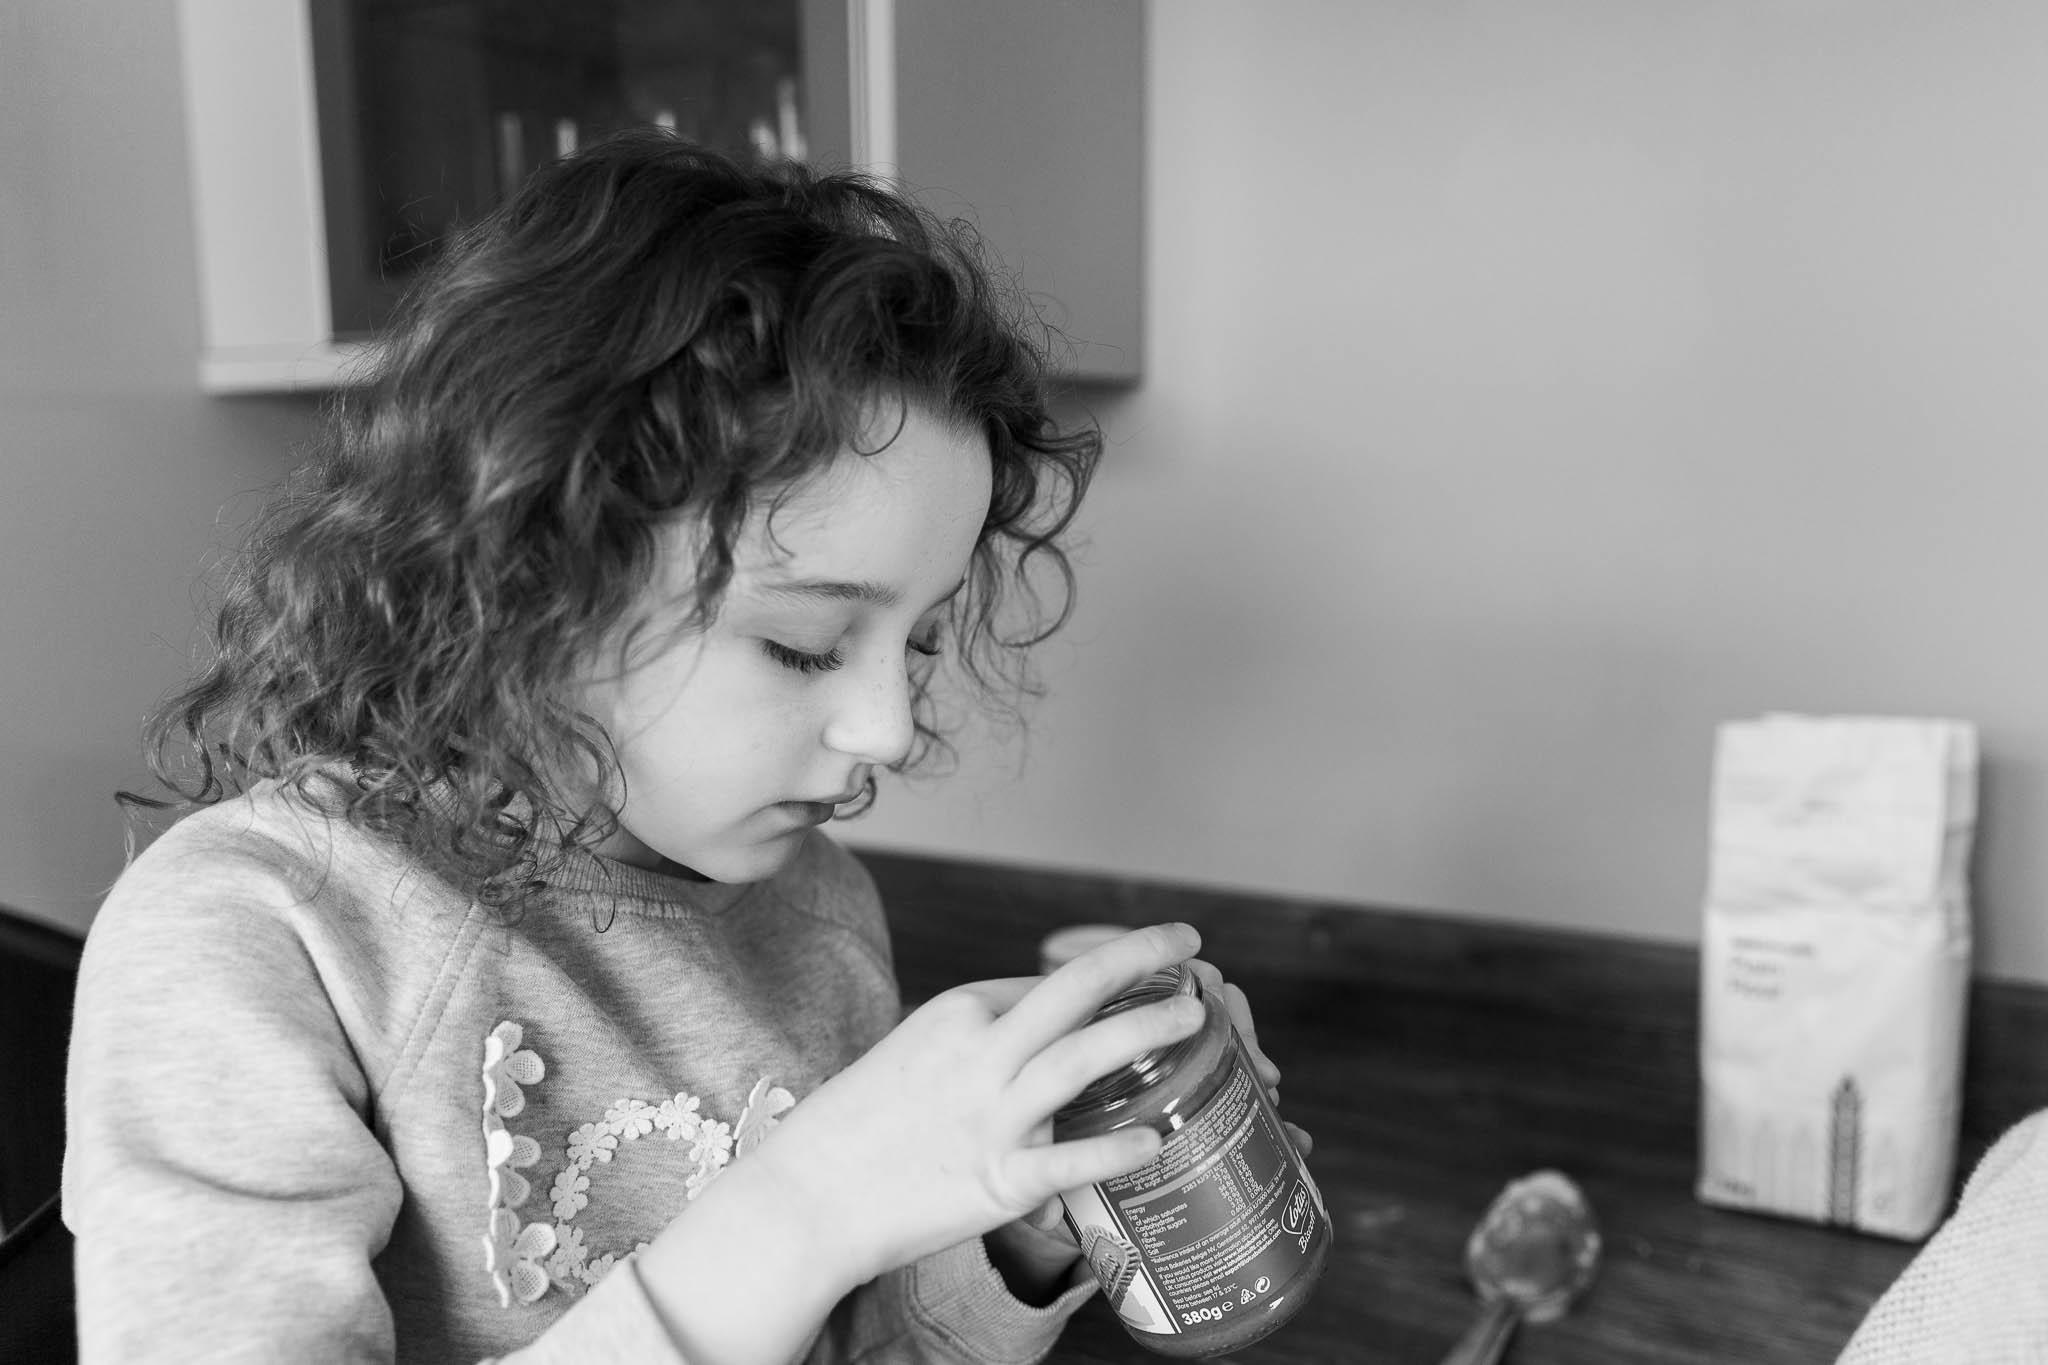 little girl dipping finger into jar